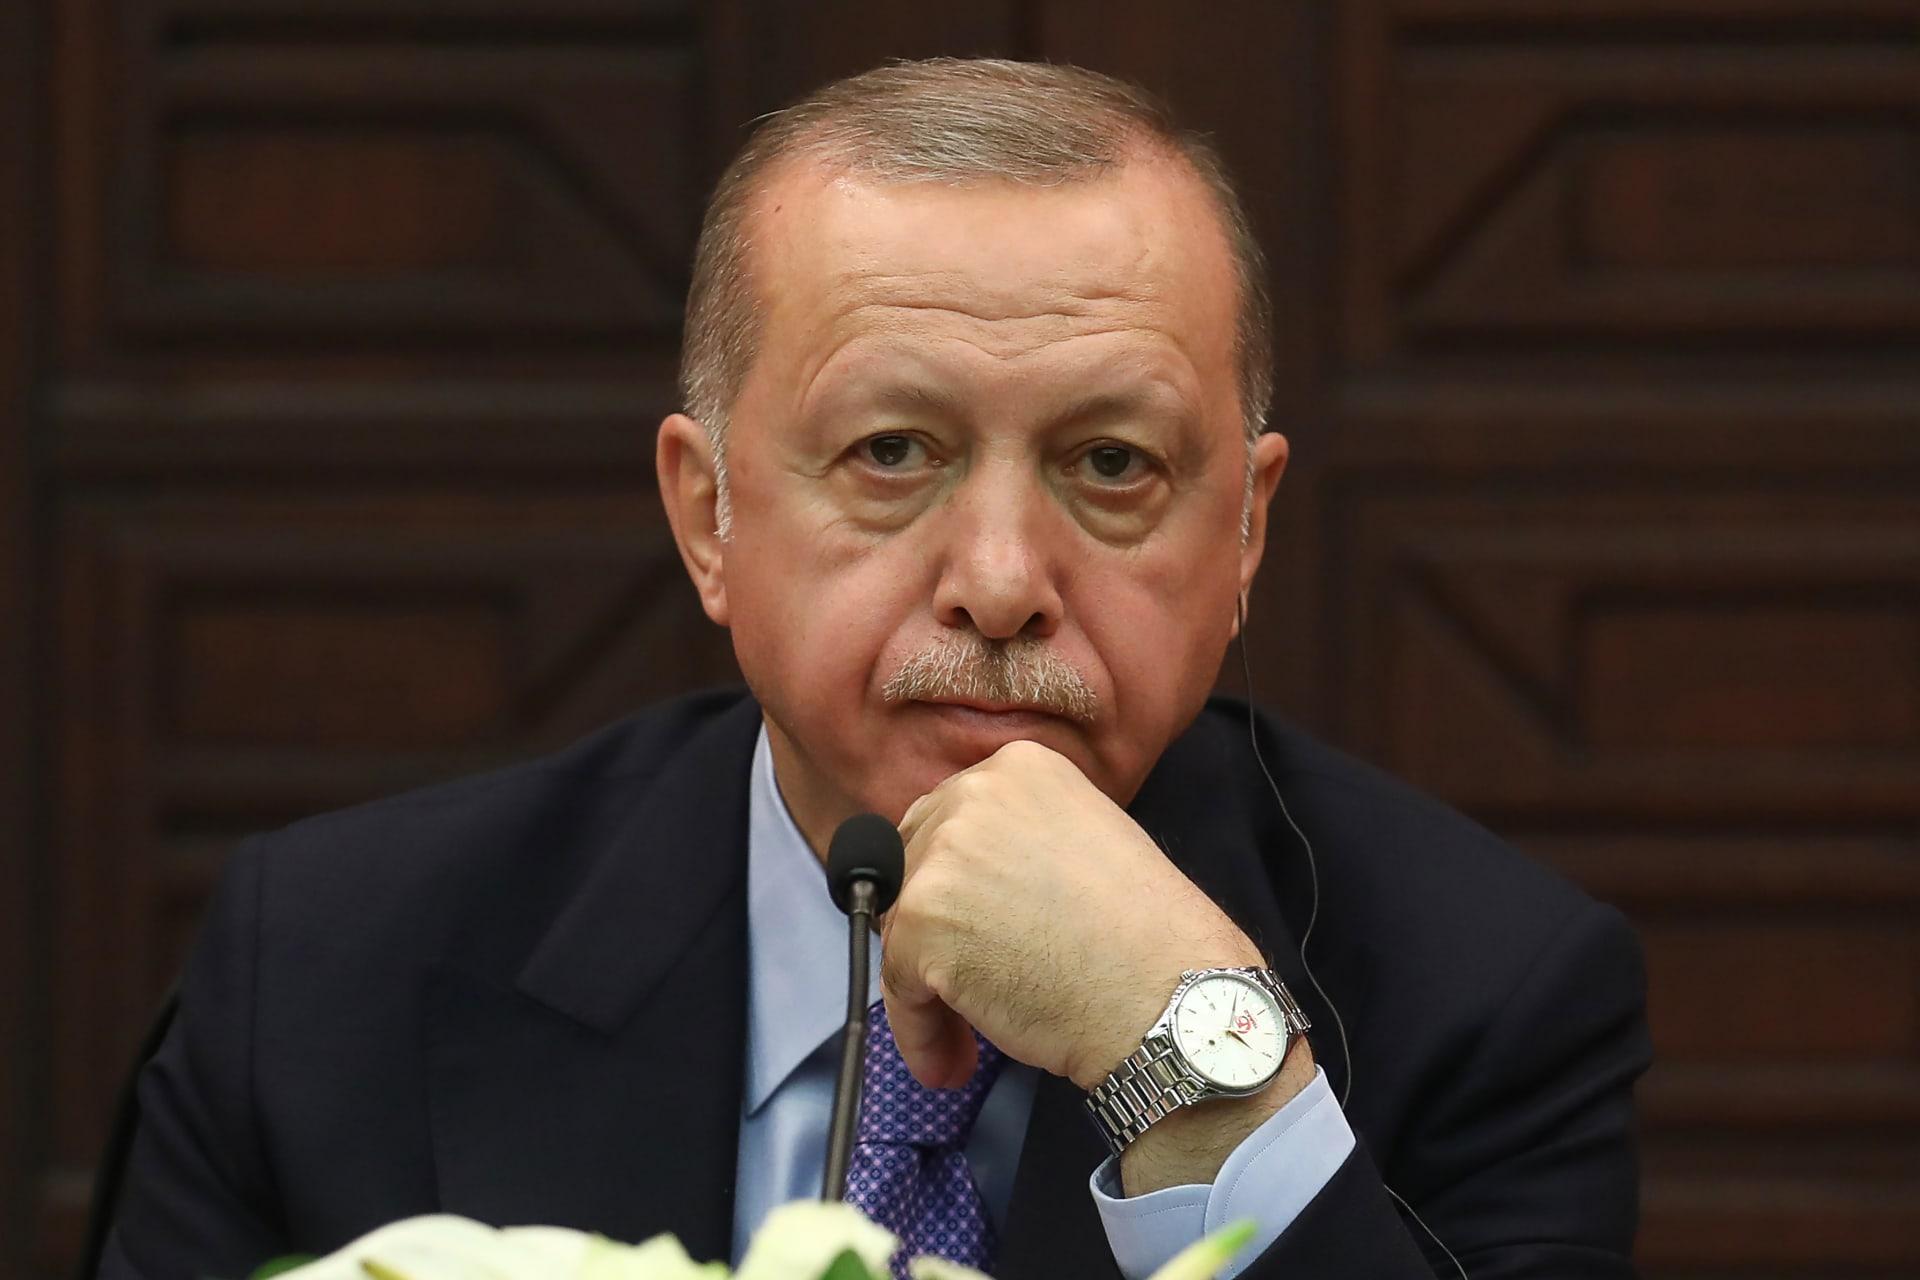 استعرض جزءا من تاريخ العثمانيين.. أستاذ تفسير كويتي: الأتراك والعرب صنعوا تاريخ الإسلام